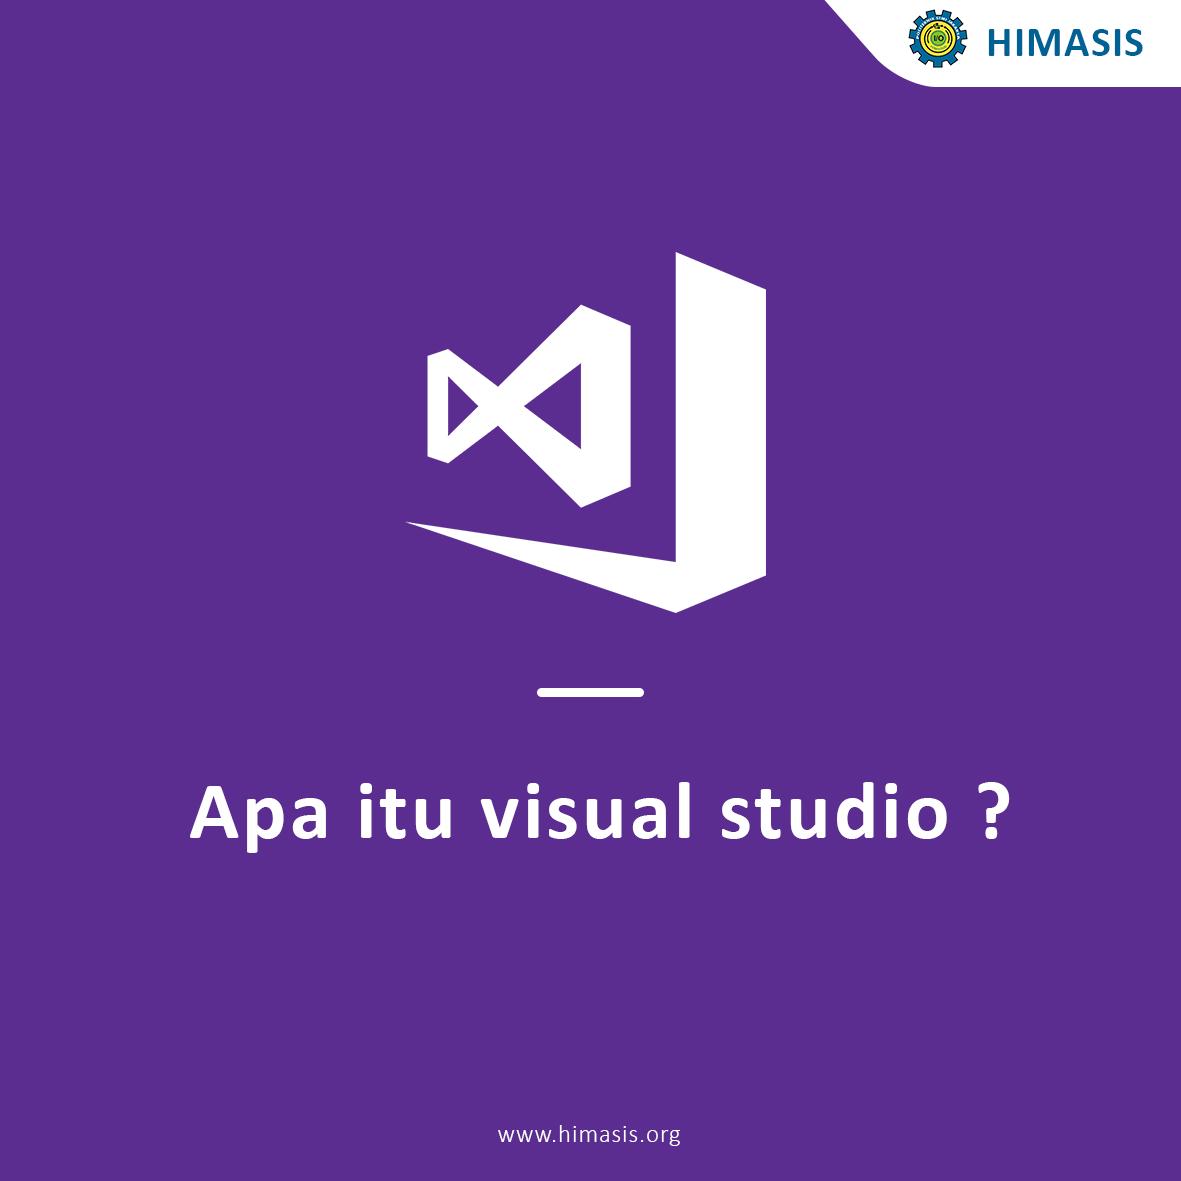 Apa itu visual studio